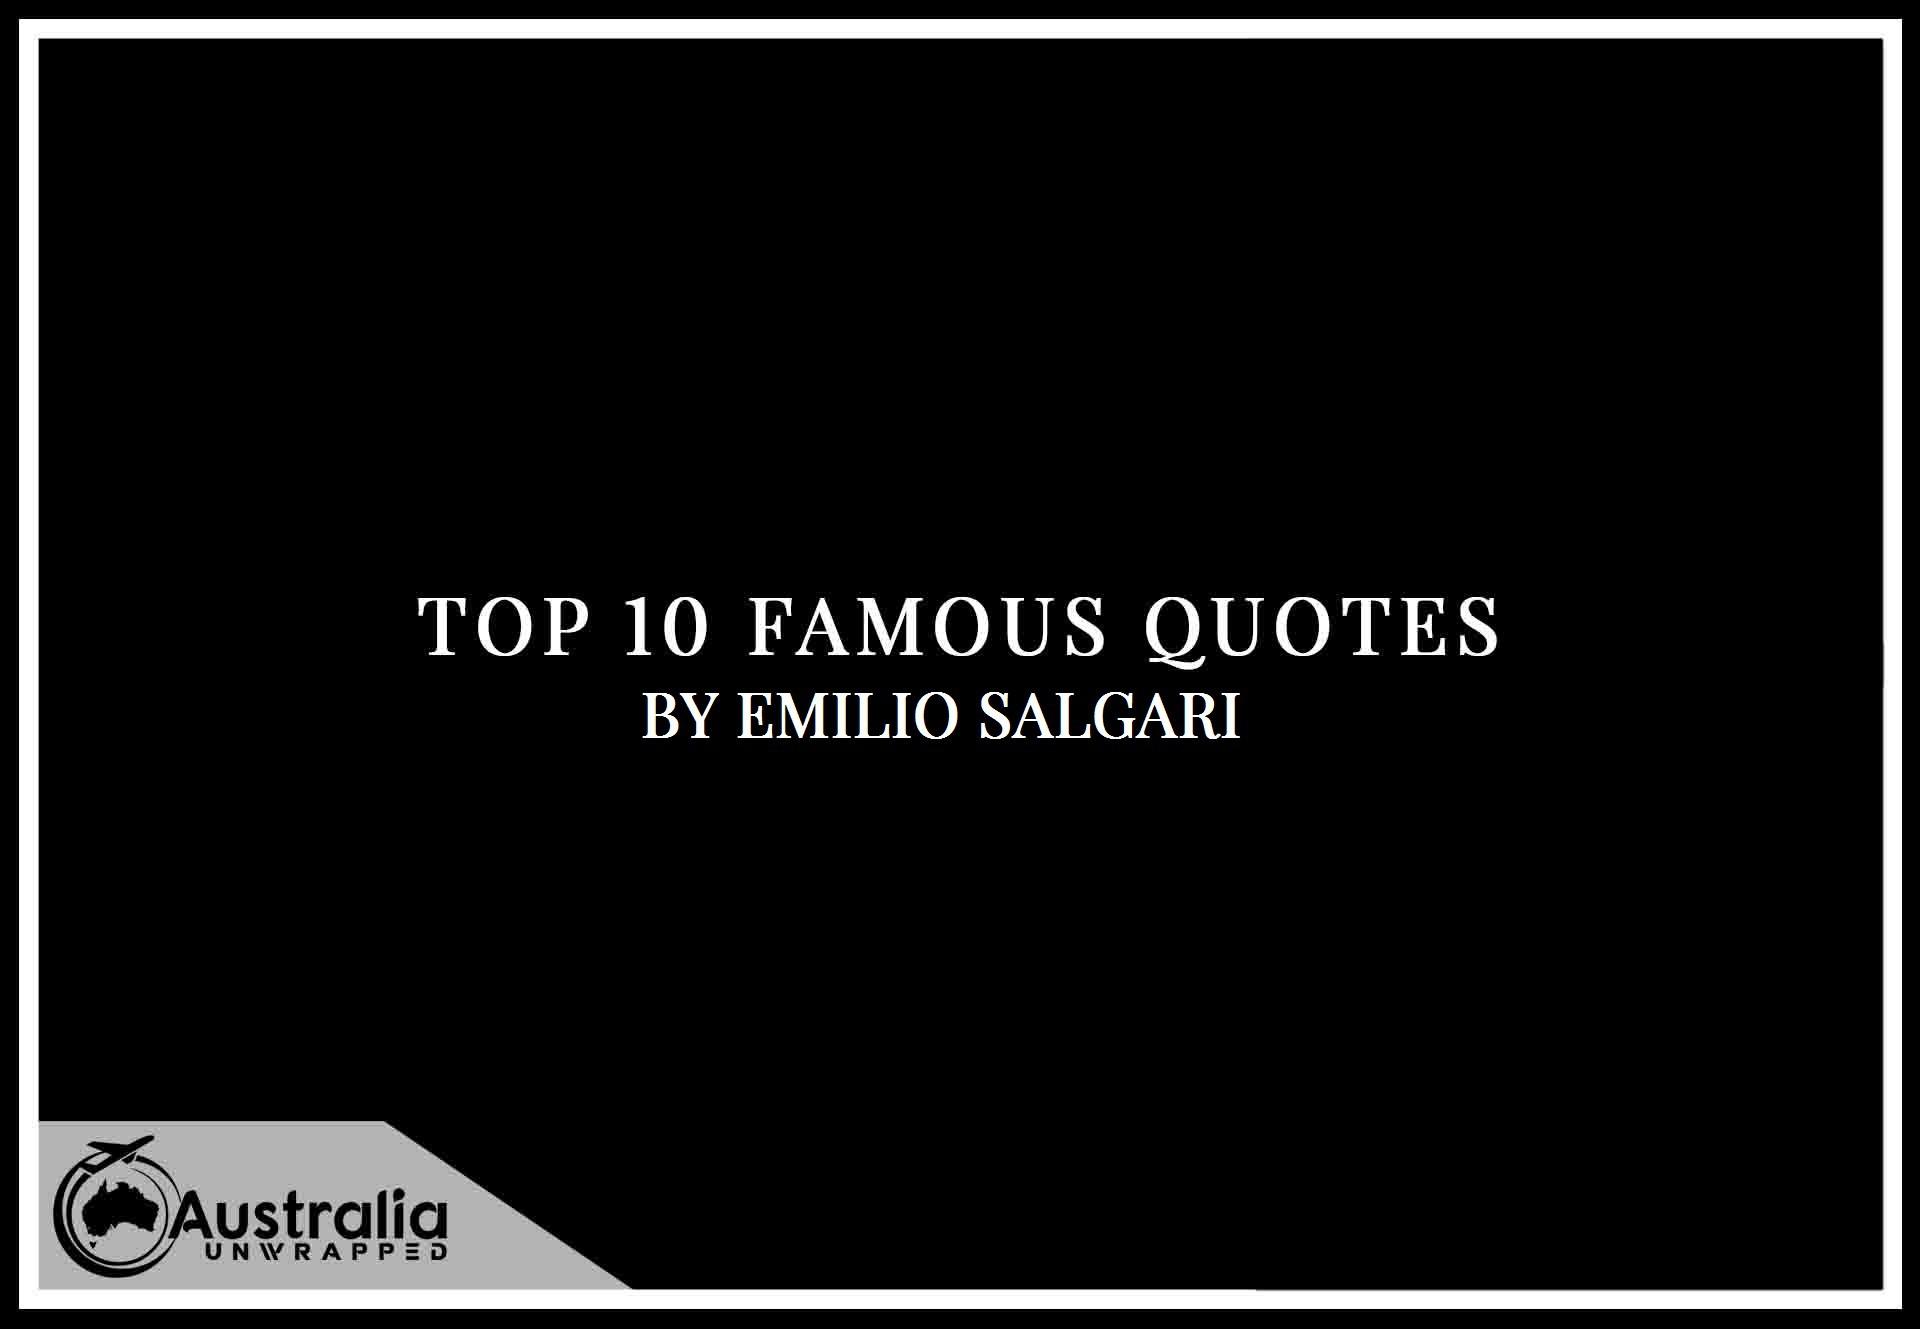 Emilio Salgari's Top 10 Popular and Famous Quotes